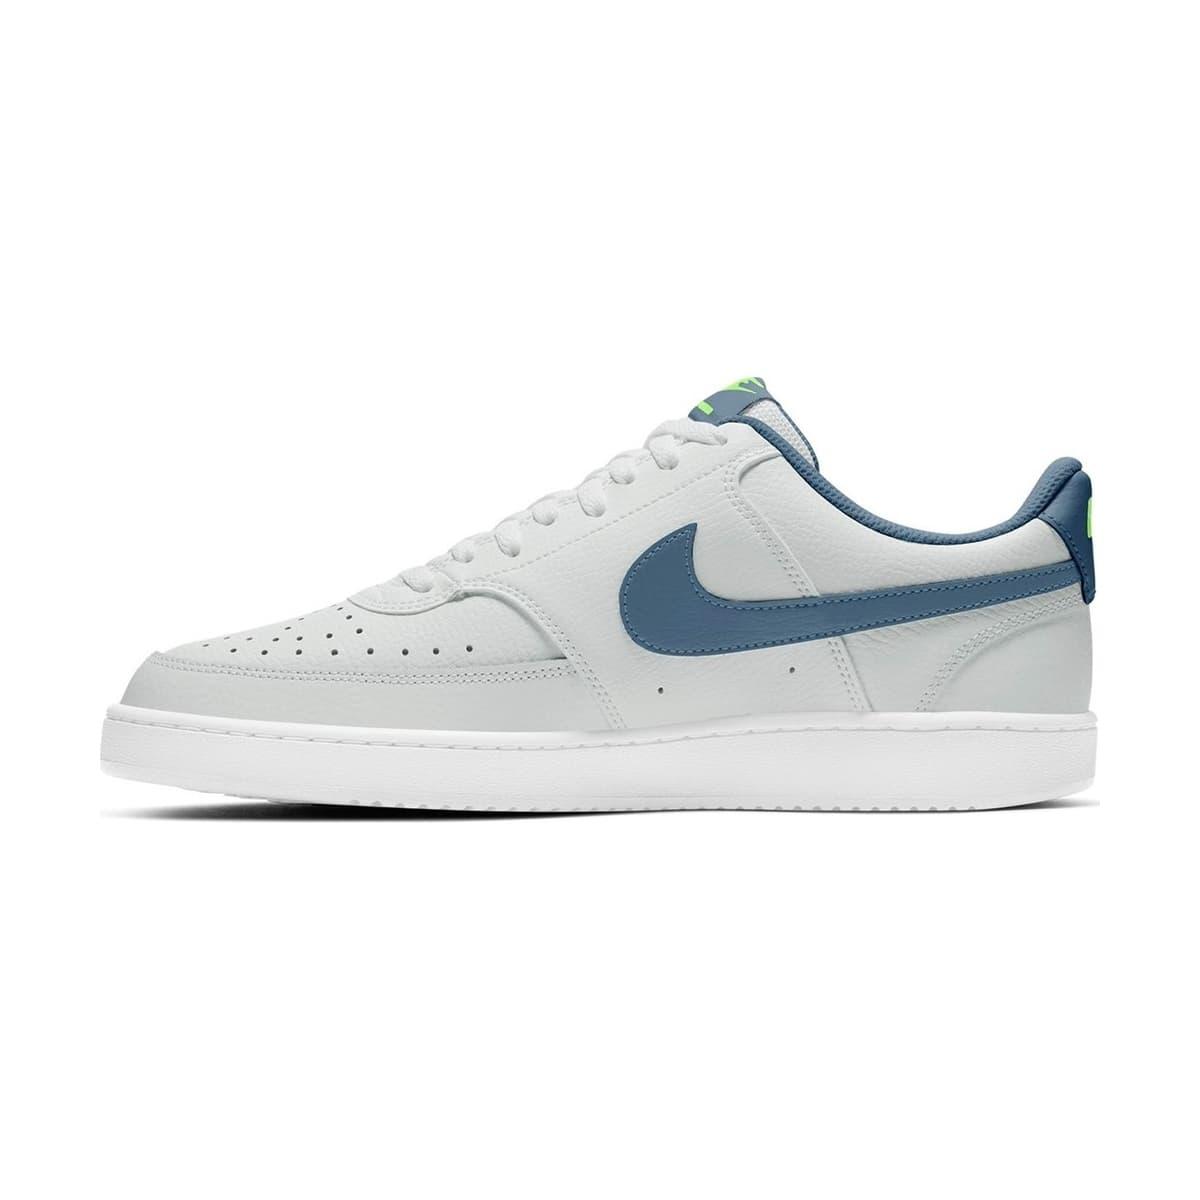 Court Vision Lo Erkek Beyaz Spor Ayakkabı (CD5463-005)